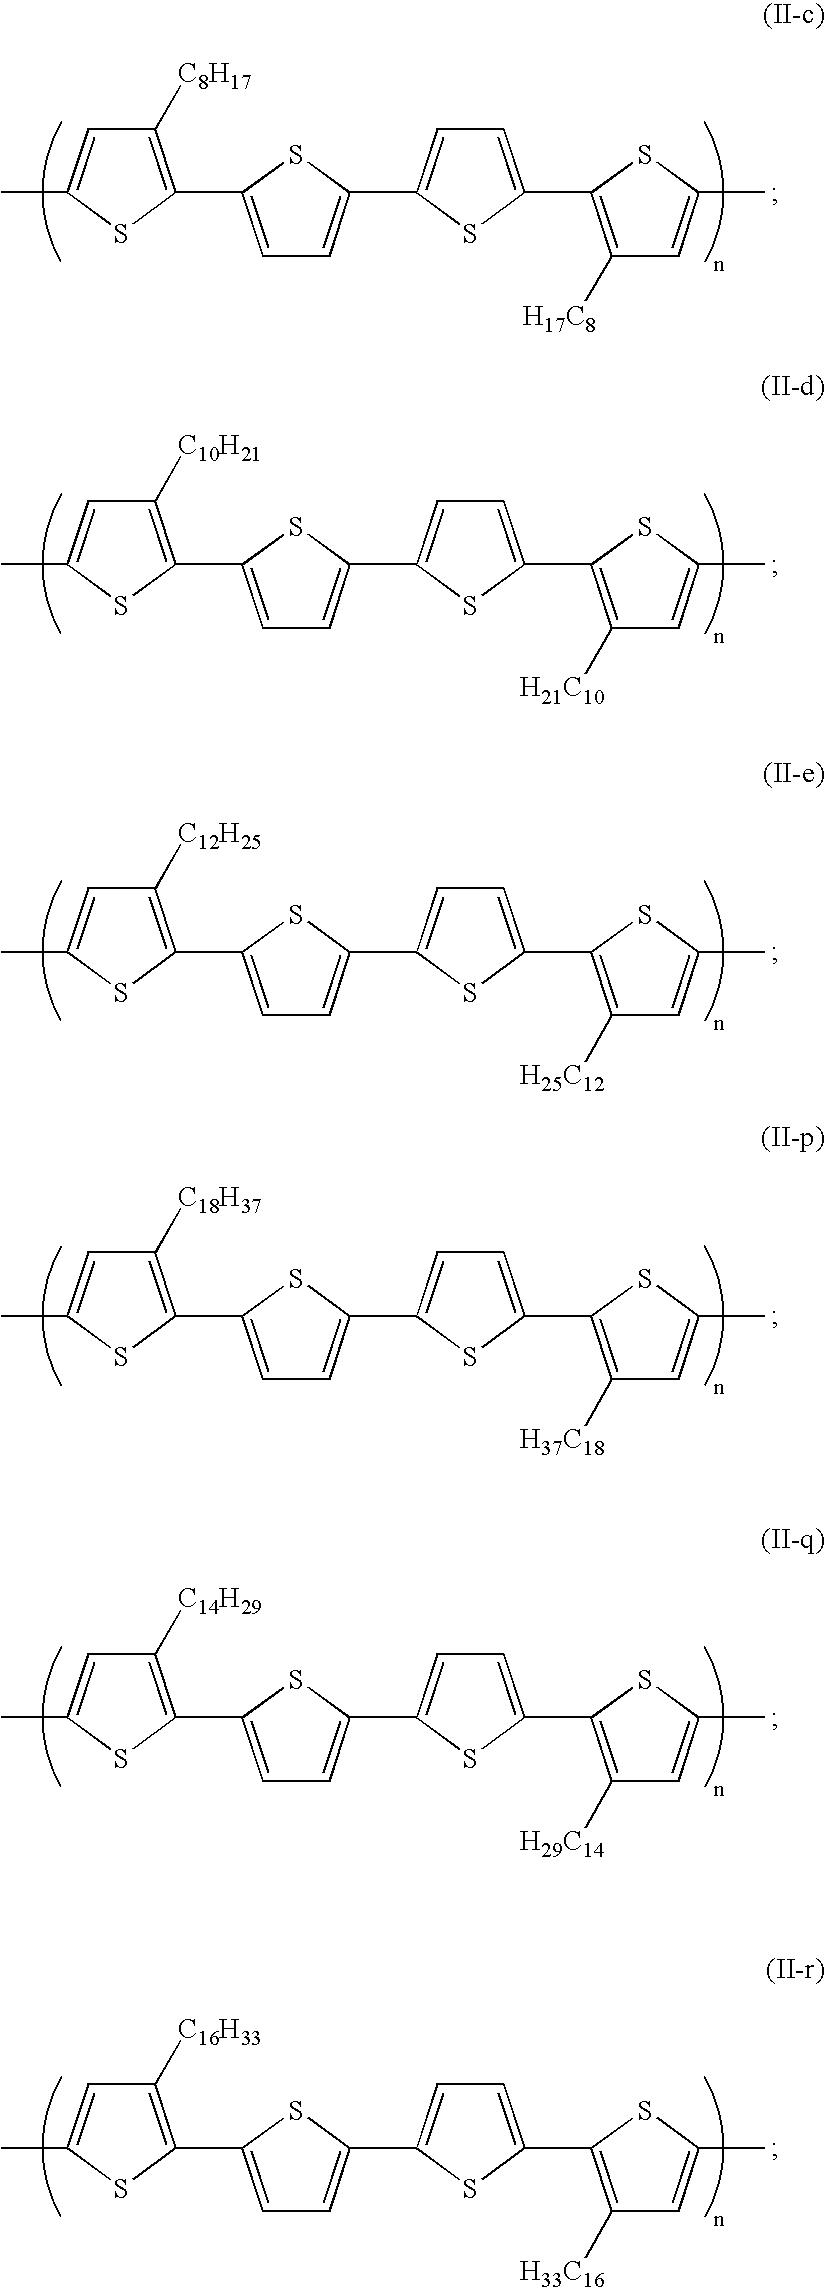 Figure US20050017311A1-20050127-C00018